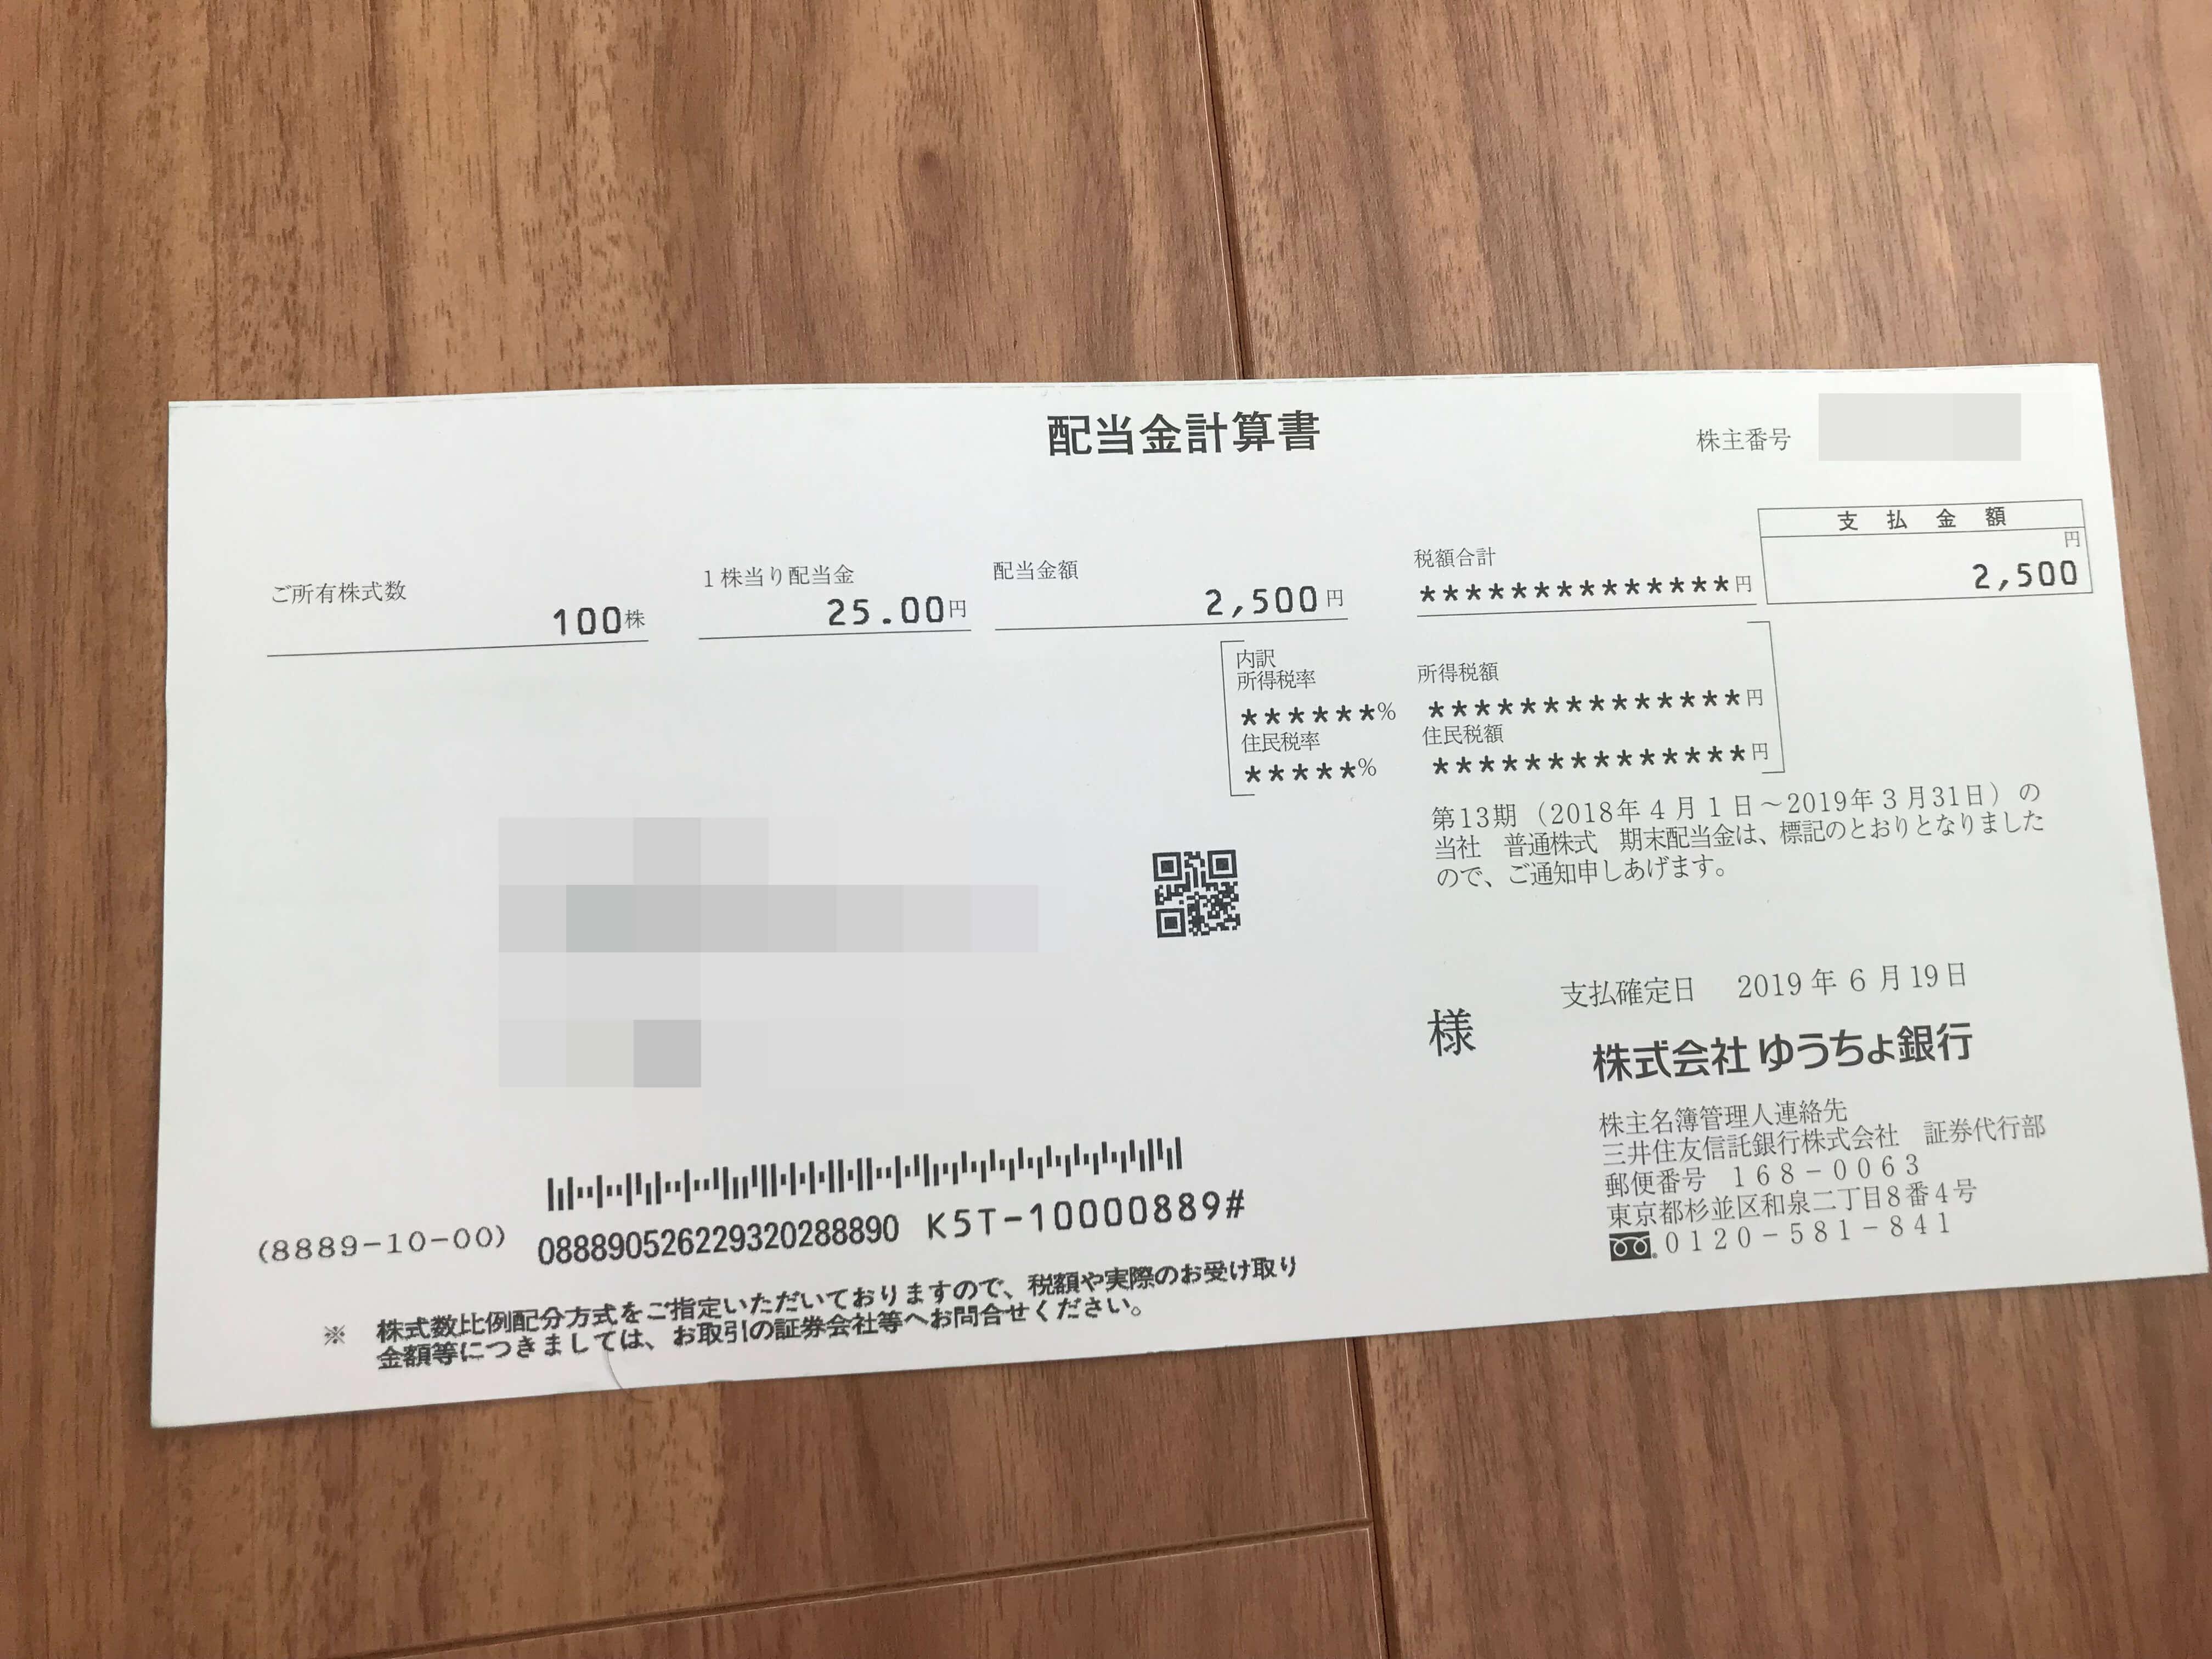 株価 ゆうちょ 銀行